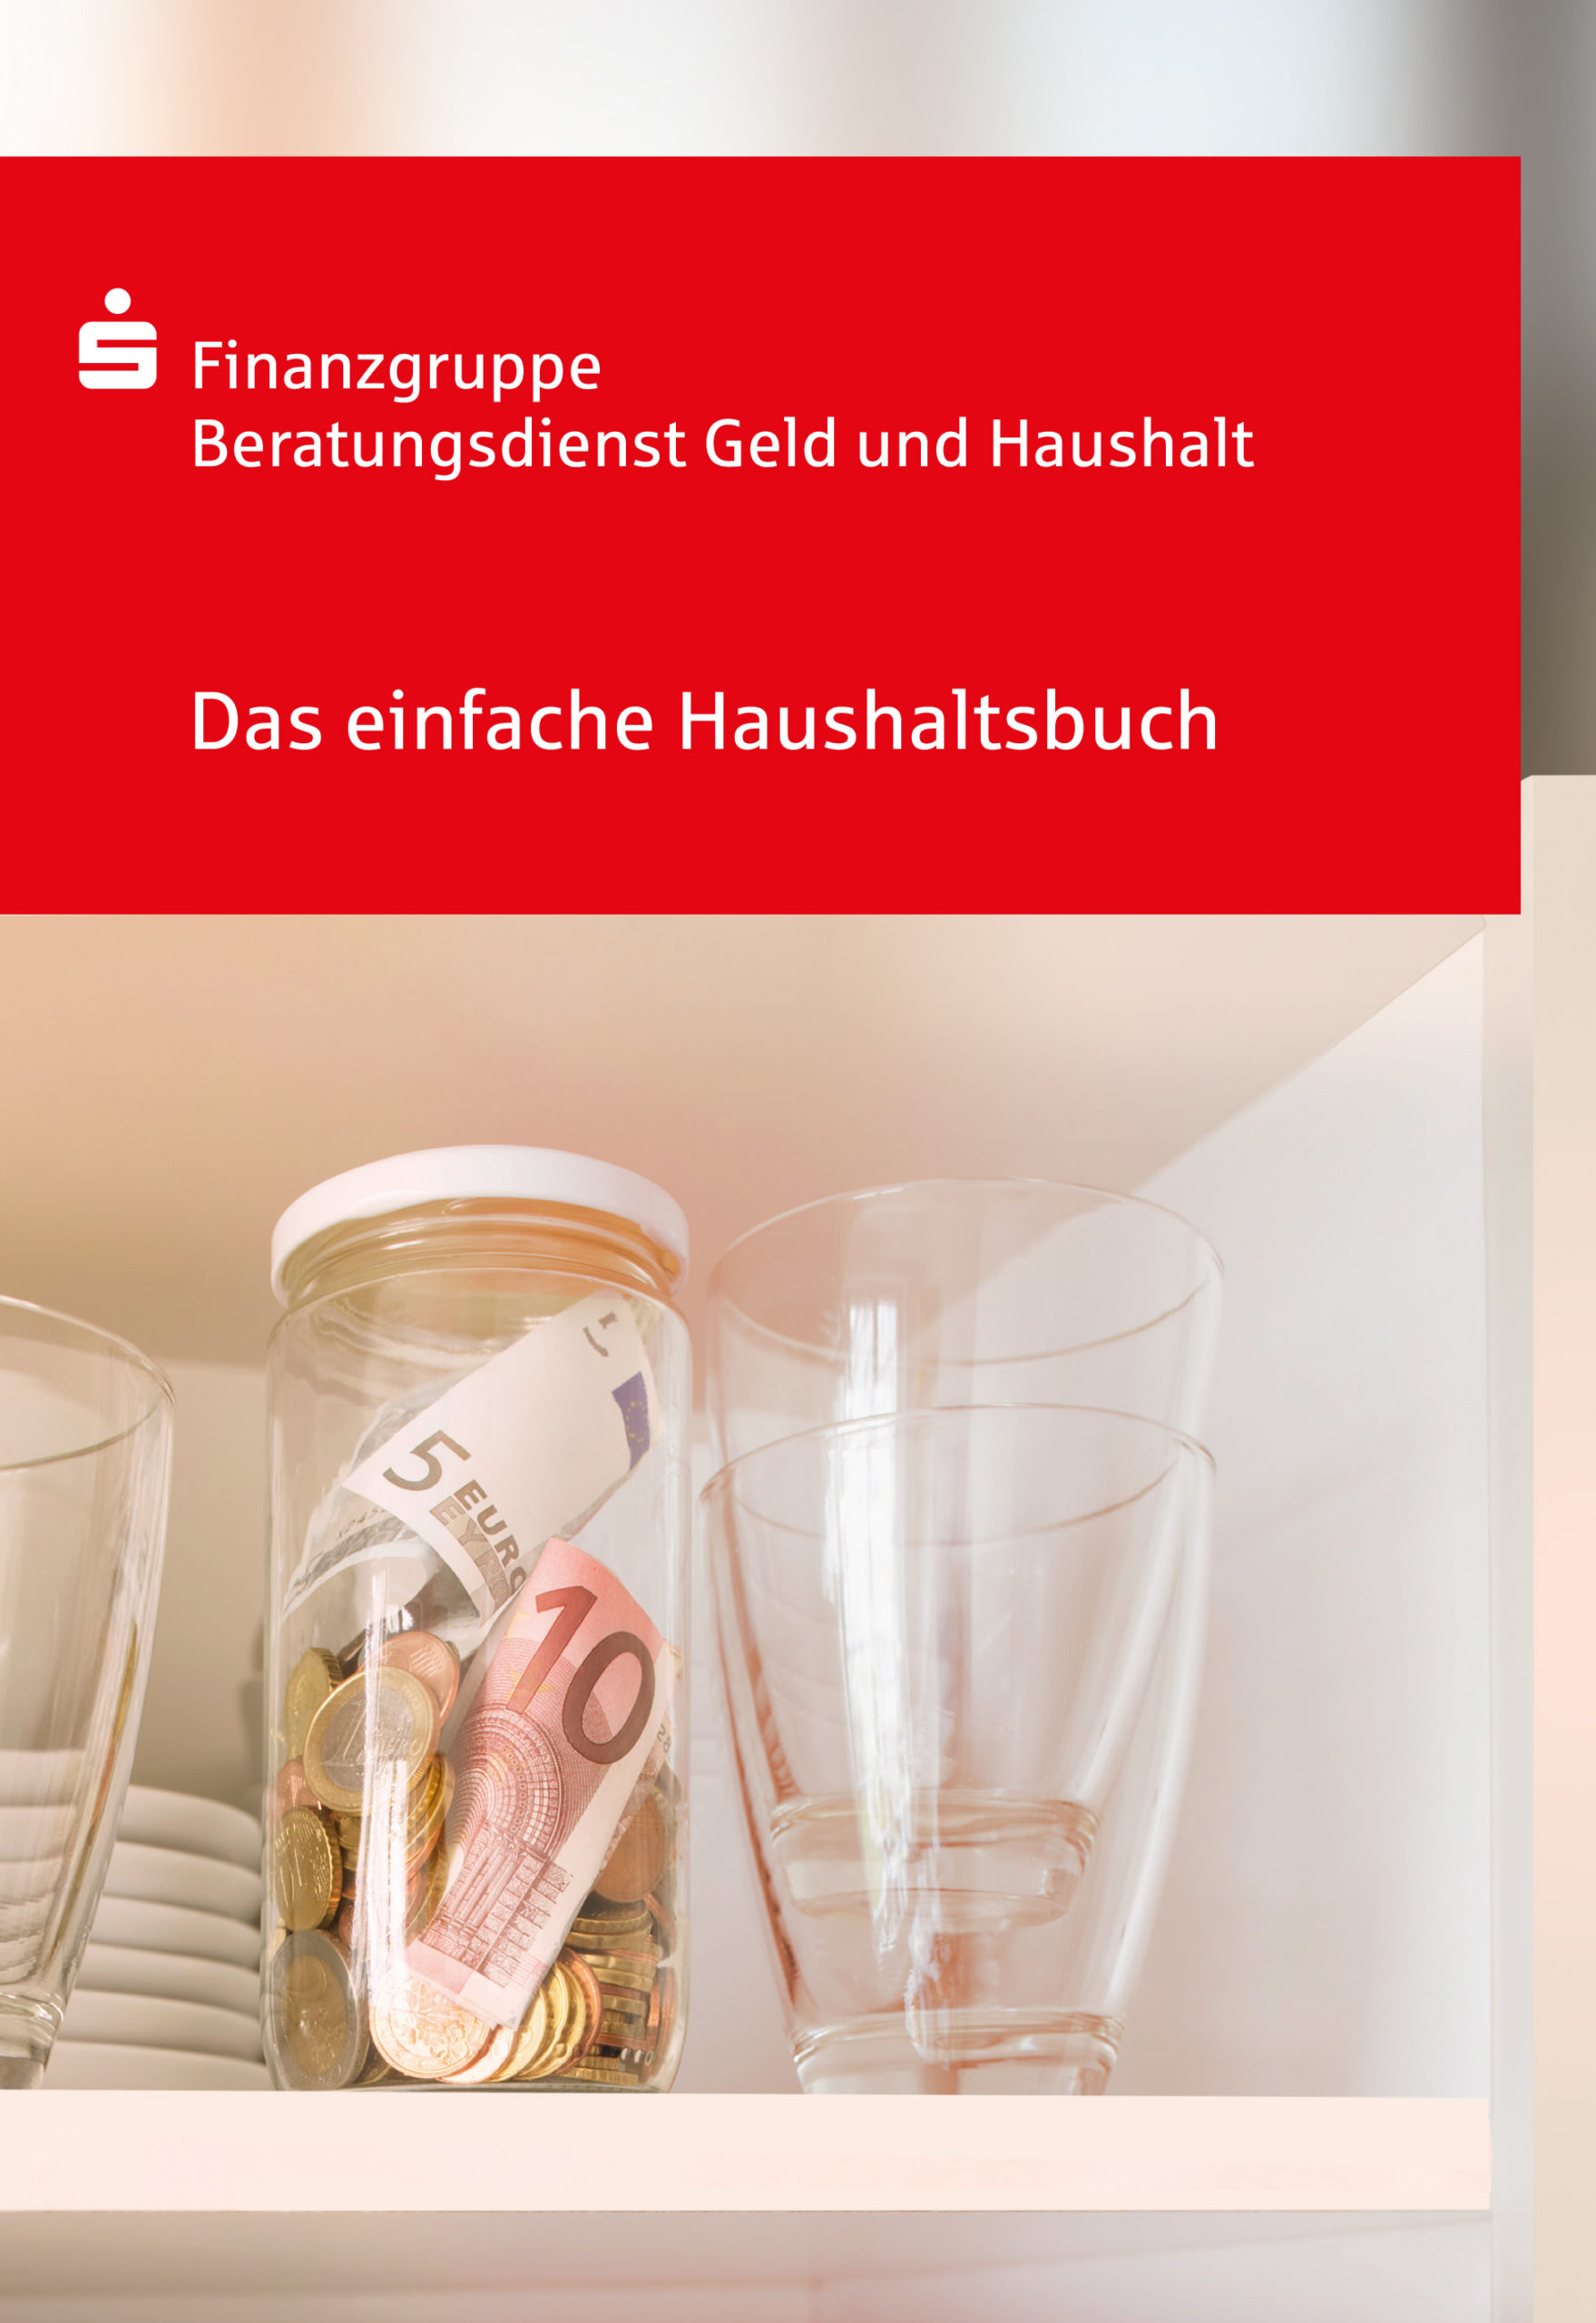 kostenloses haushaltsbuch in vier sprachen foto obs geld und haushalt beratungsdienst der